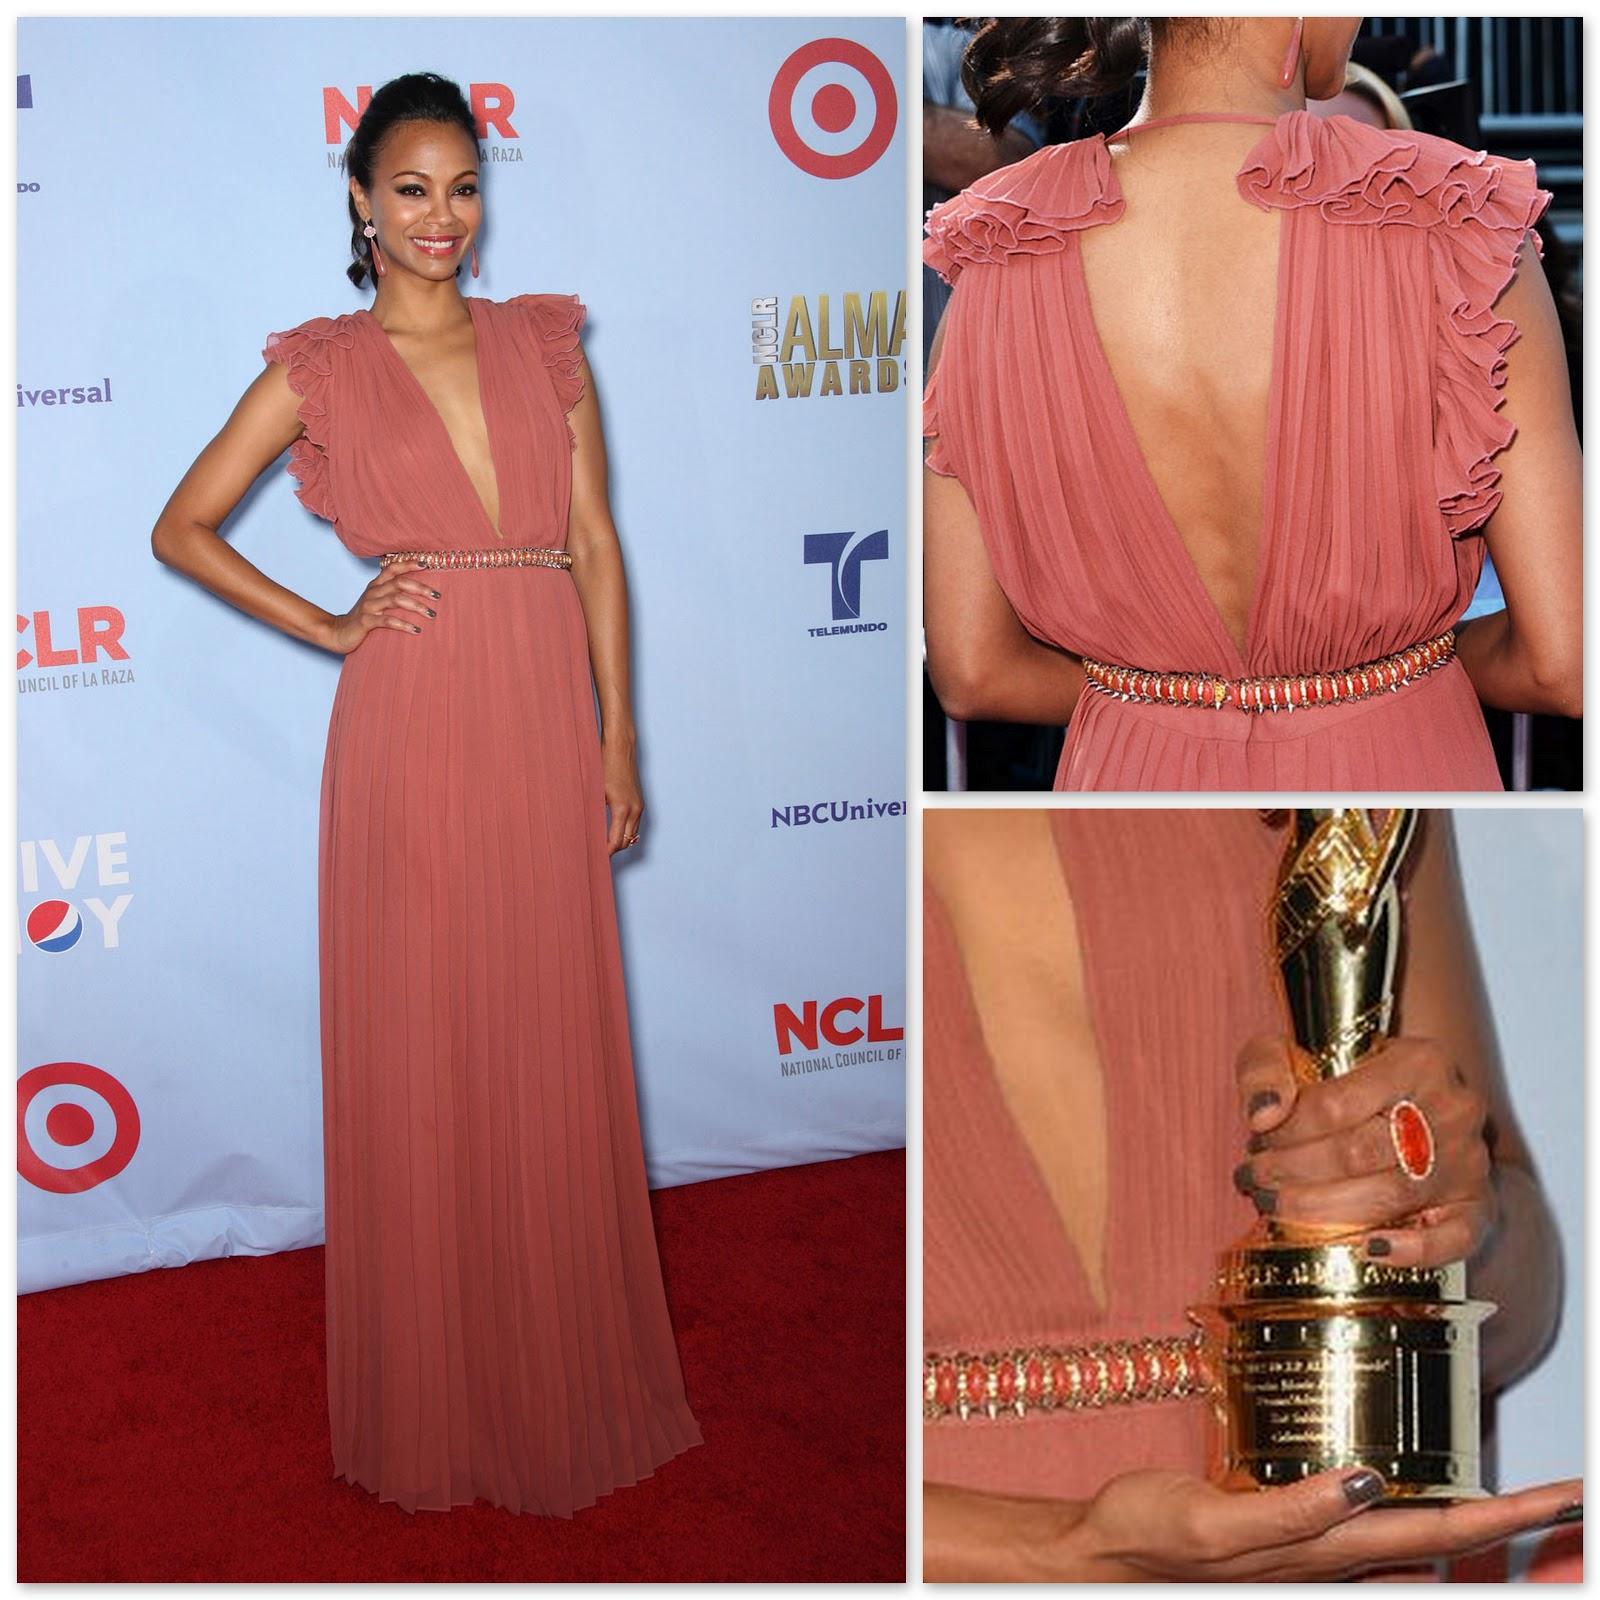 http://3.bp.blogspot.com/-dTRqfR3_CTk/UF-HYpjfAgI/AAAAAAAAH_o/ALTOLFovTT0/s1600/best+dressed3.jpg